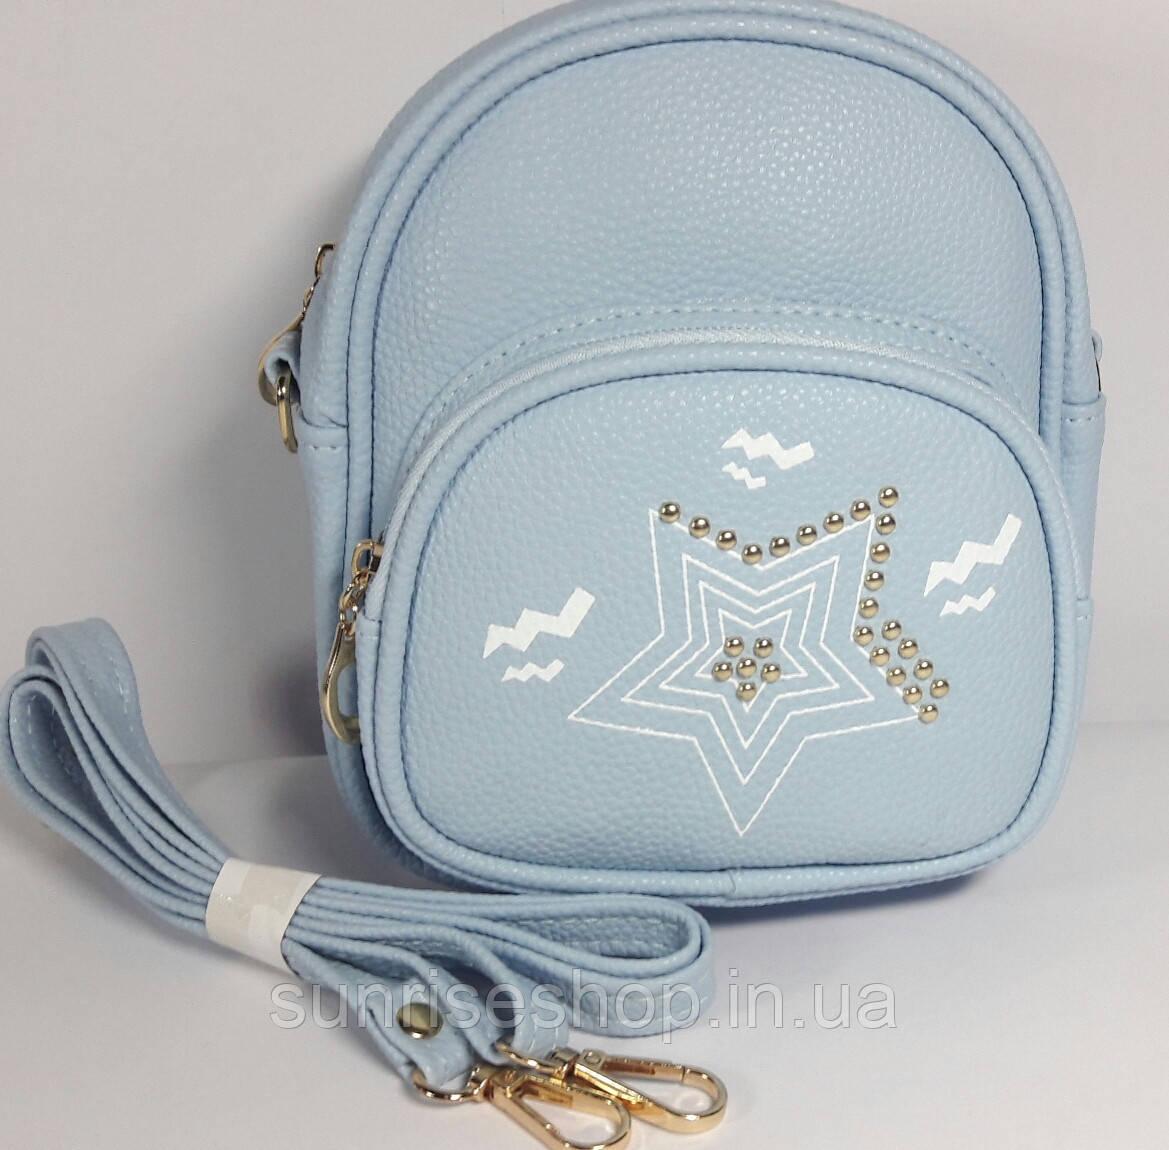 4607580ac026 Сумка- рюкзак детская для девочки- подростка - Sunriseshop косметички  клатчи детские ...